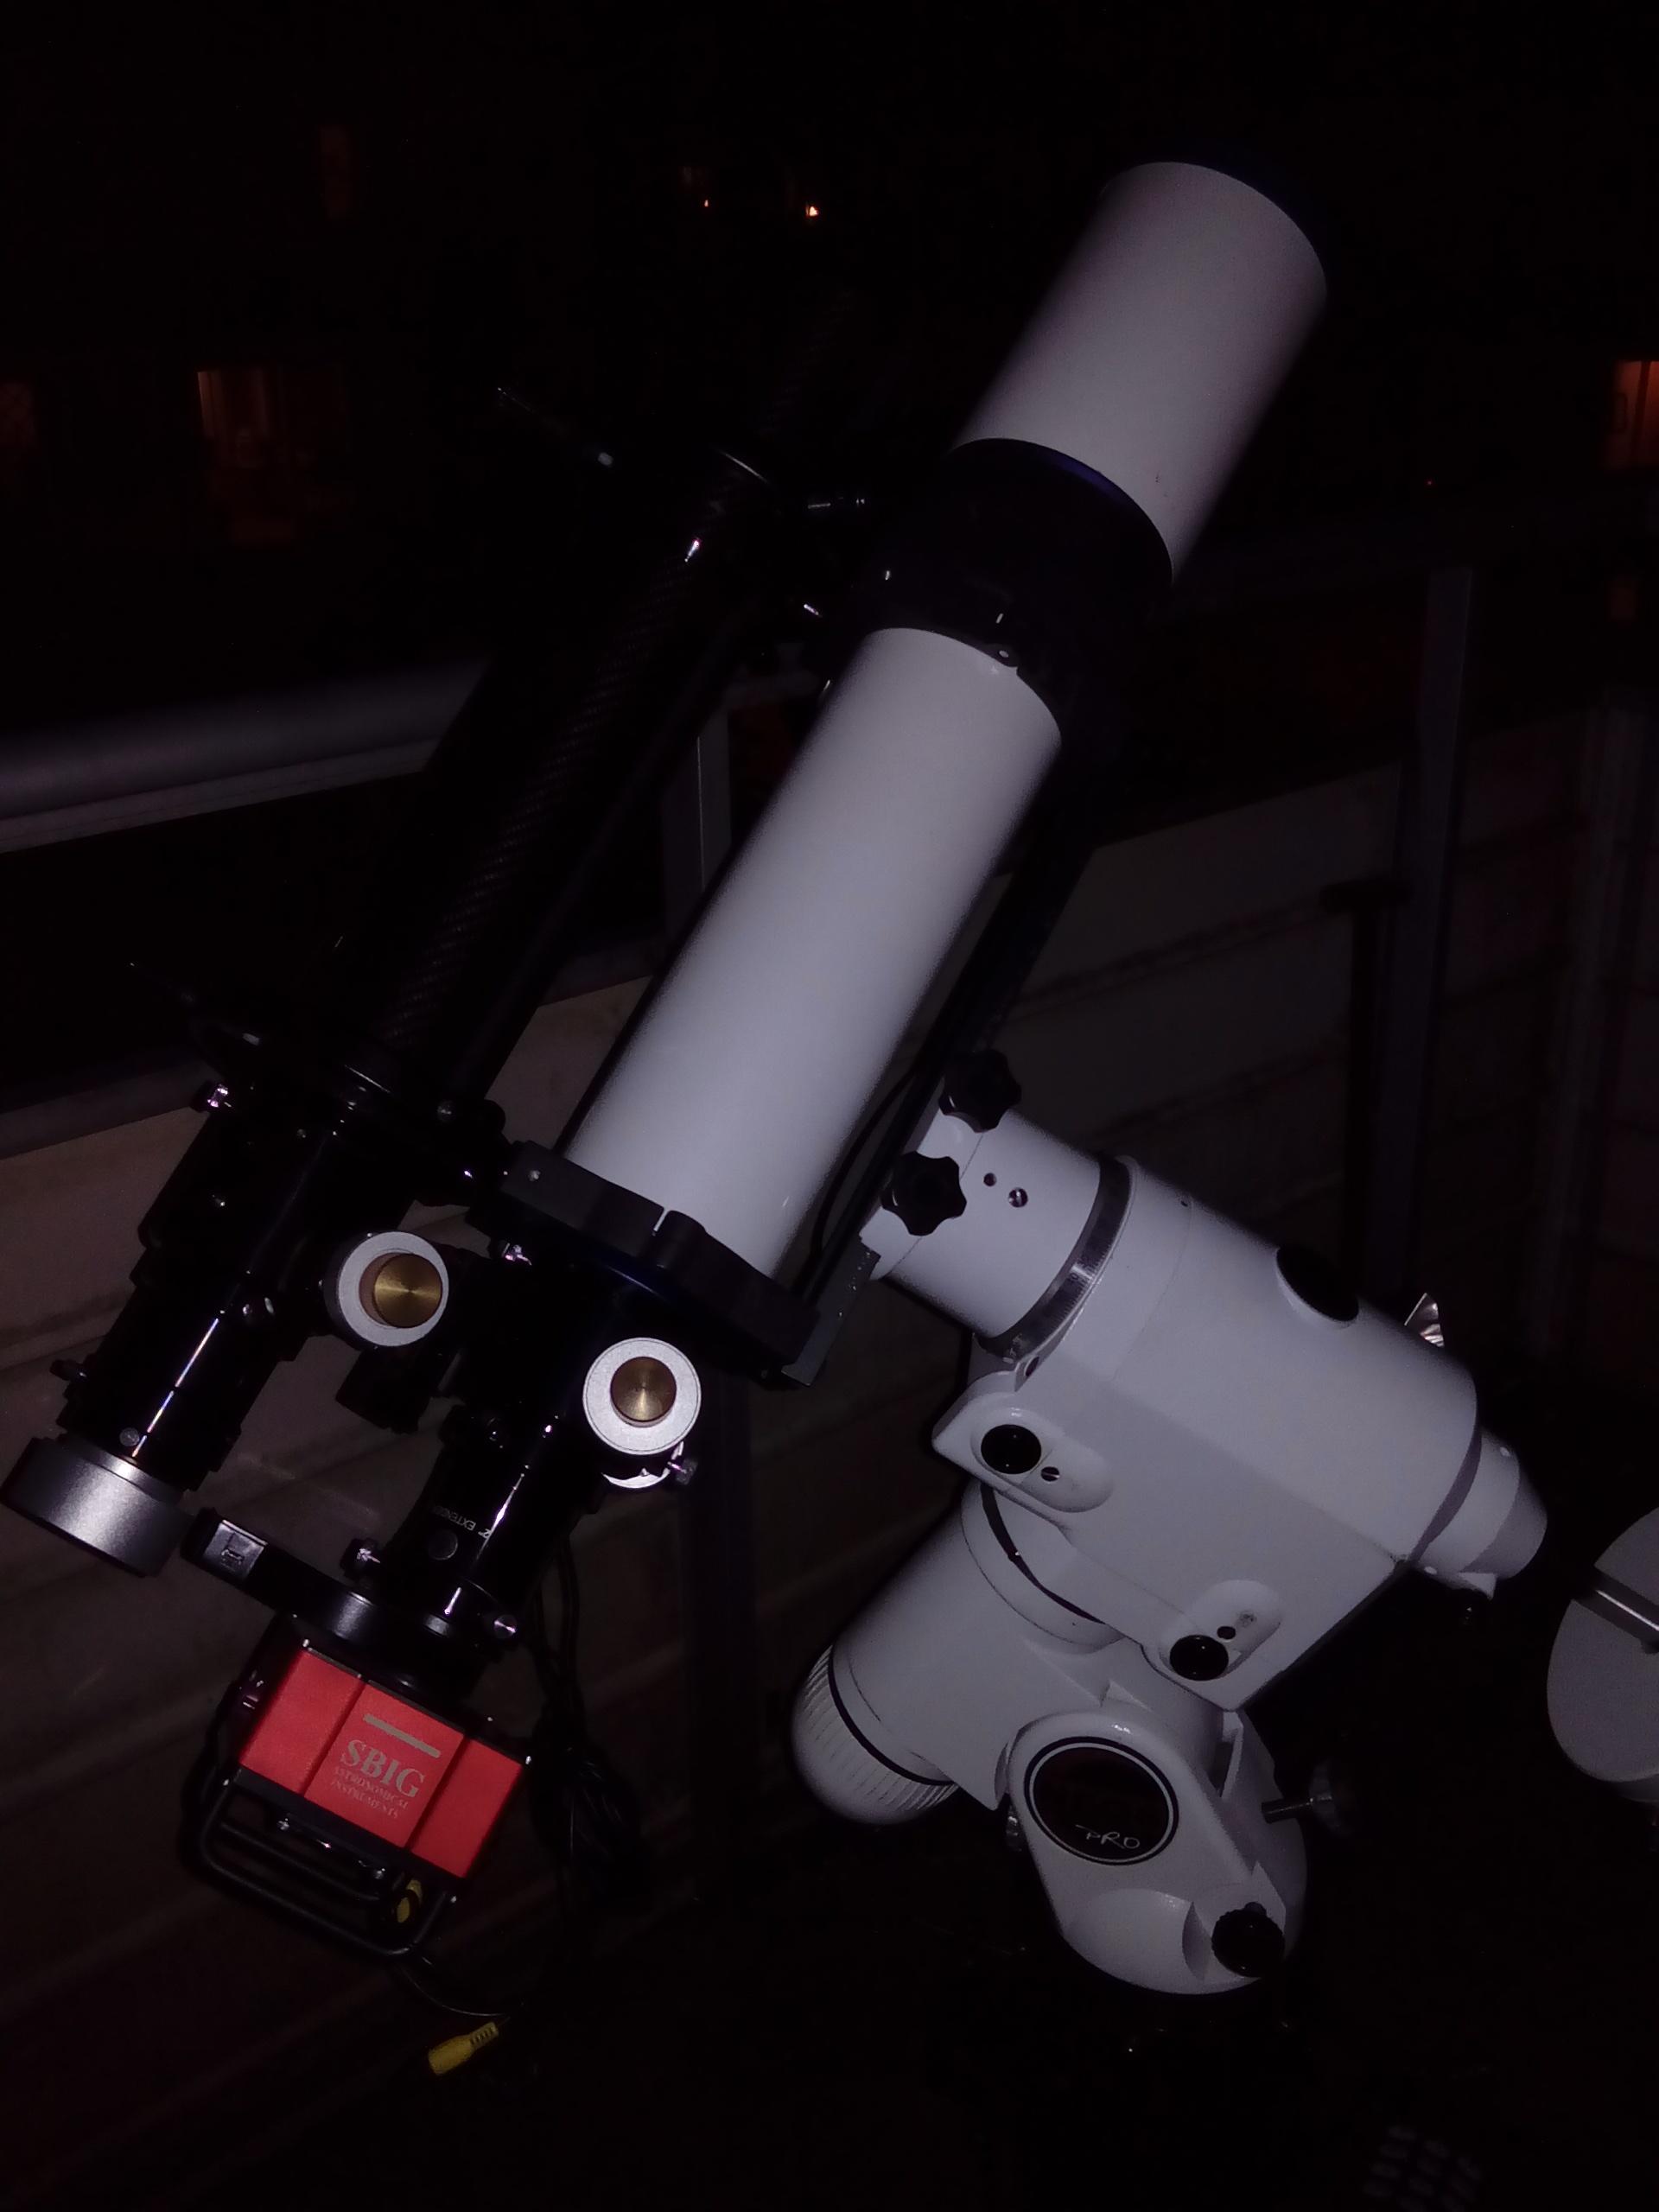 Två refraktorer på NEQ6-monteringen